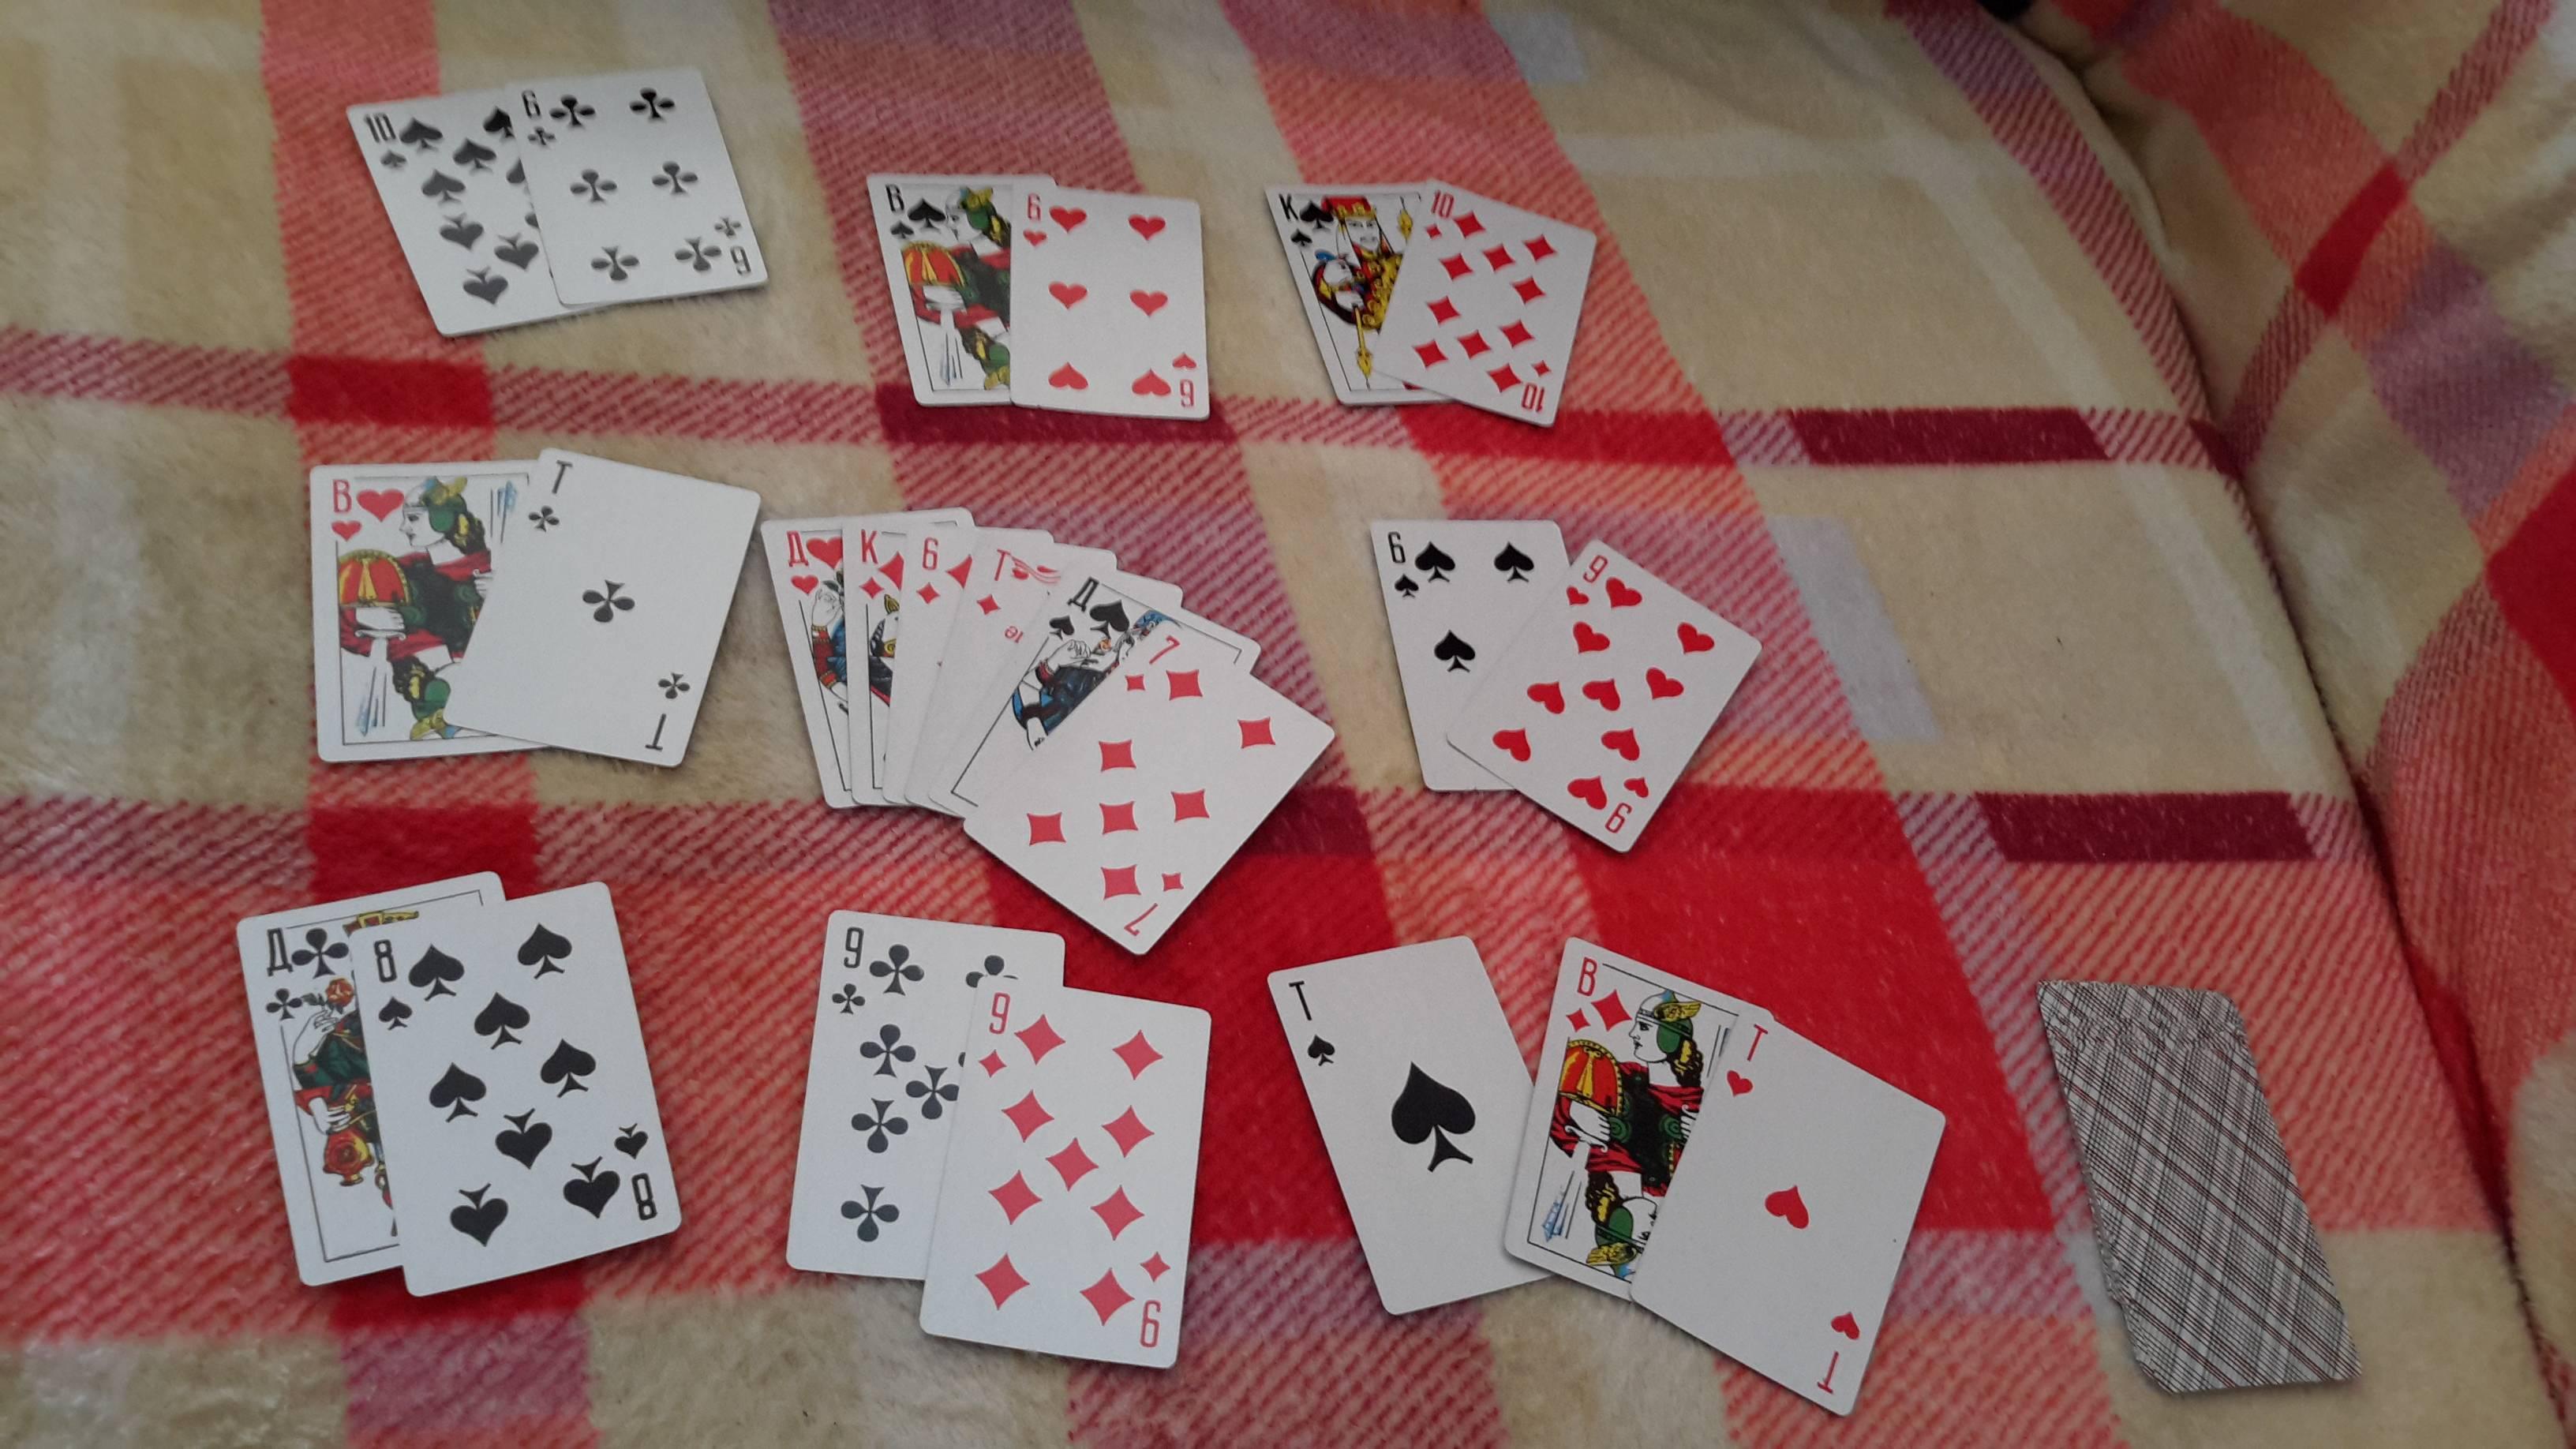 Толкование игральных карт при гадании